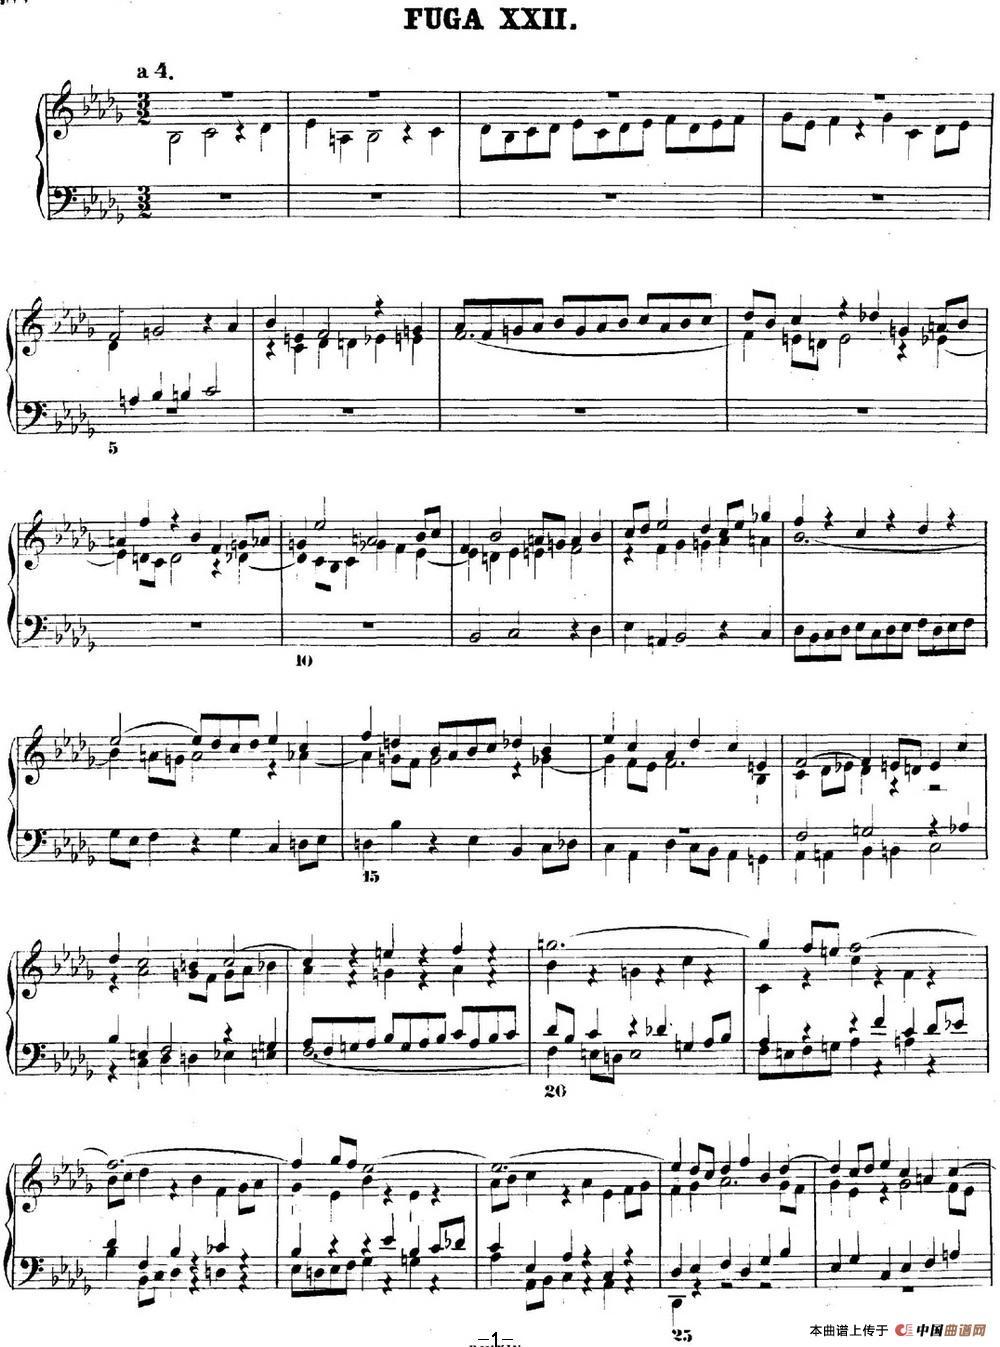 曲谱 巴赫 平均律钢琴曲集 第二卷 之赋格曲 NO.22 -巴赫 平均律钢琴曲